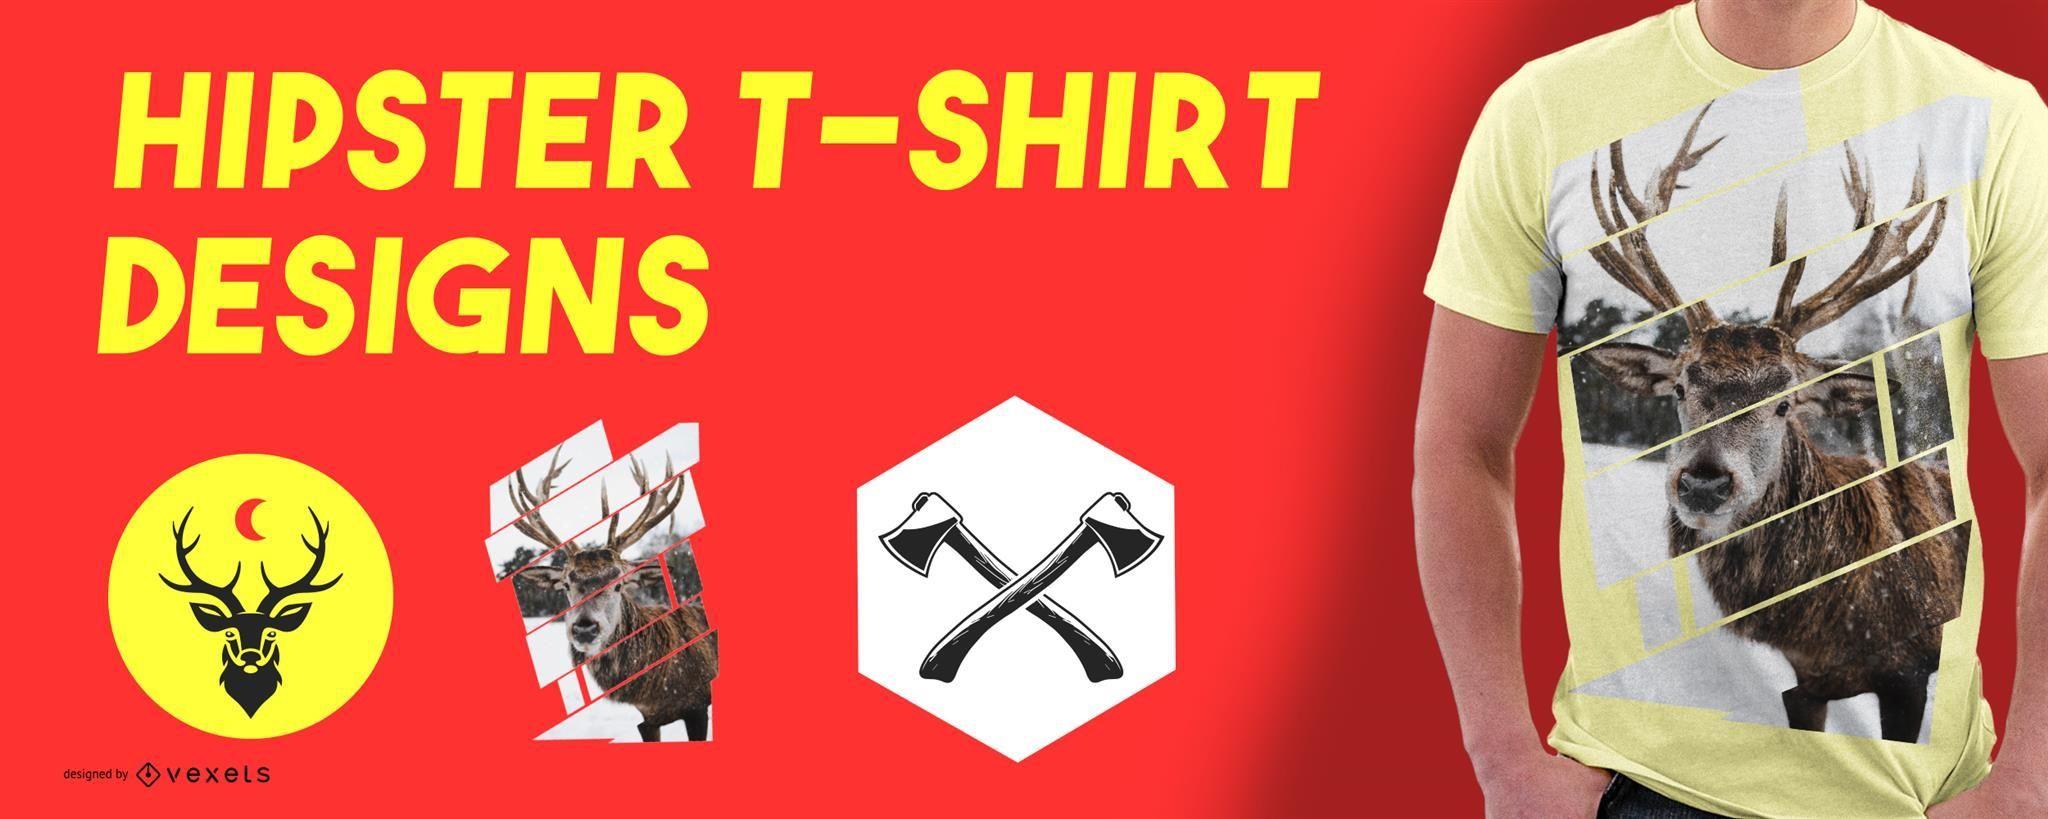 Conjunto de dise?o de camiseta de elementos hipster